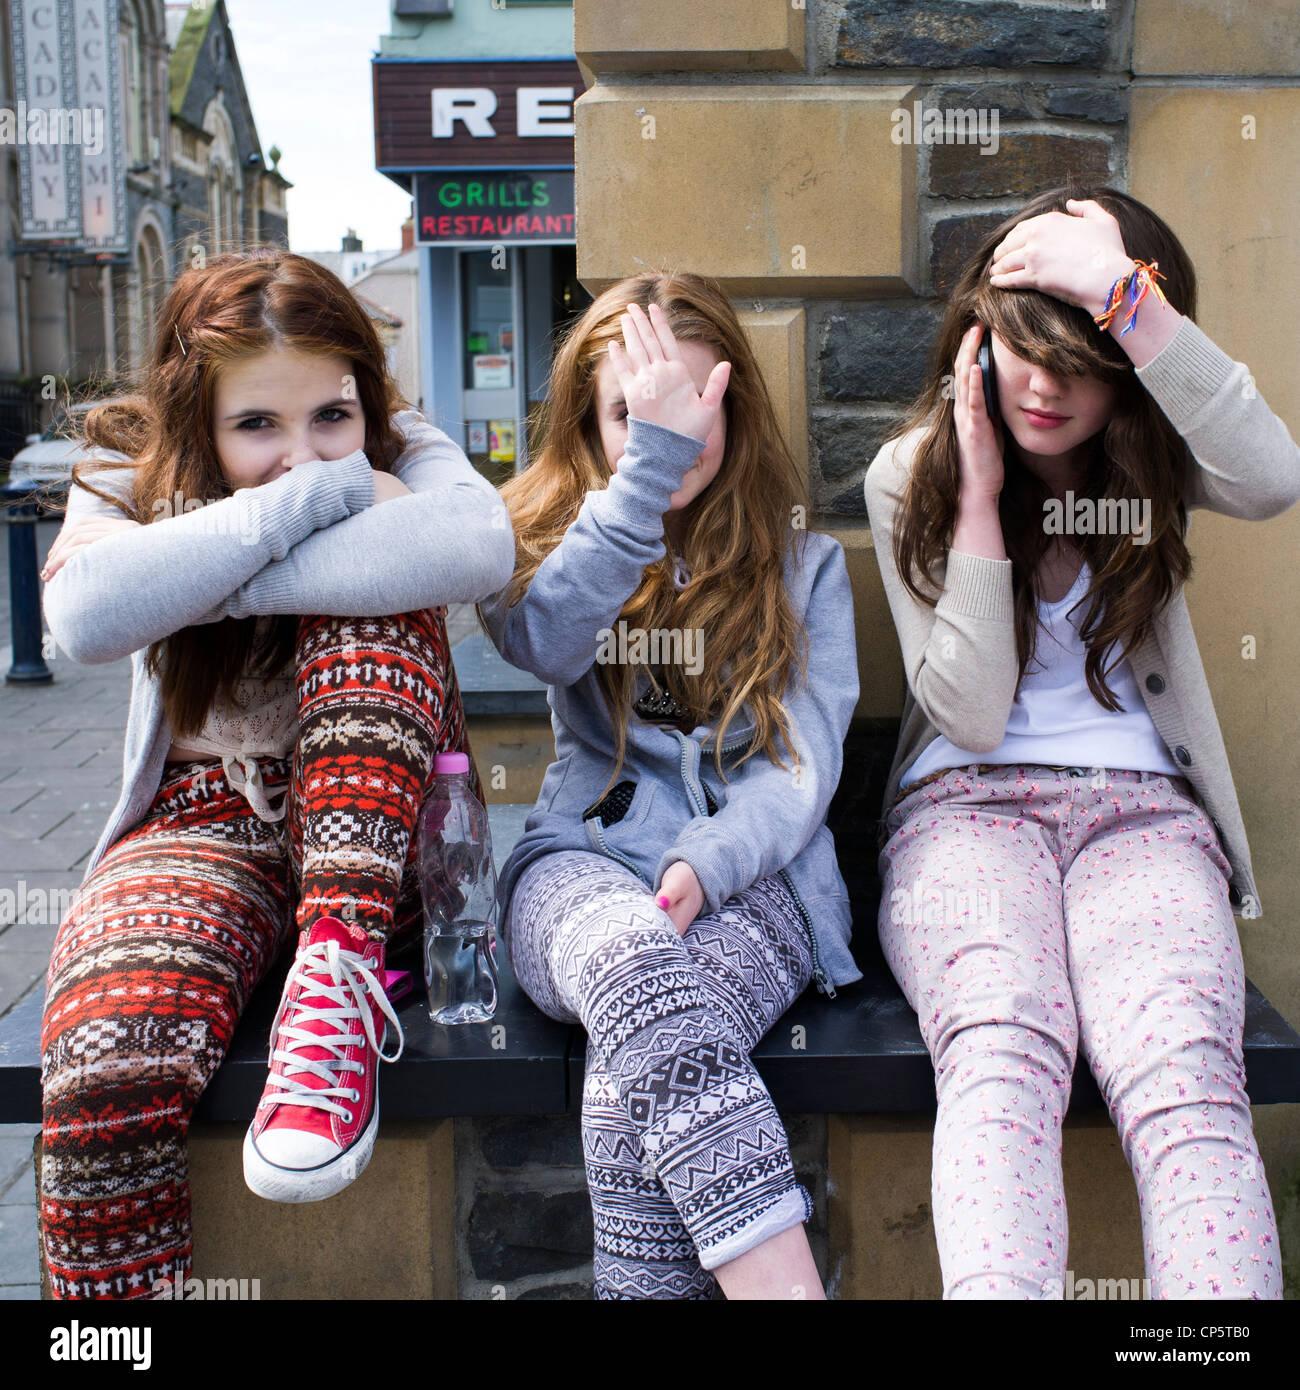 Trois adolescentes assis ensemble en dehors de l'extérieur, , trois singes de la sagesse - ne pas parler, Photo Stock